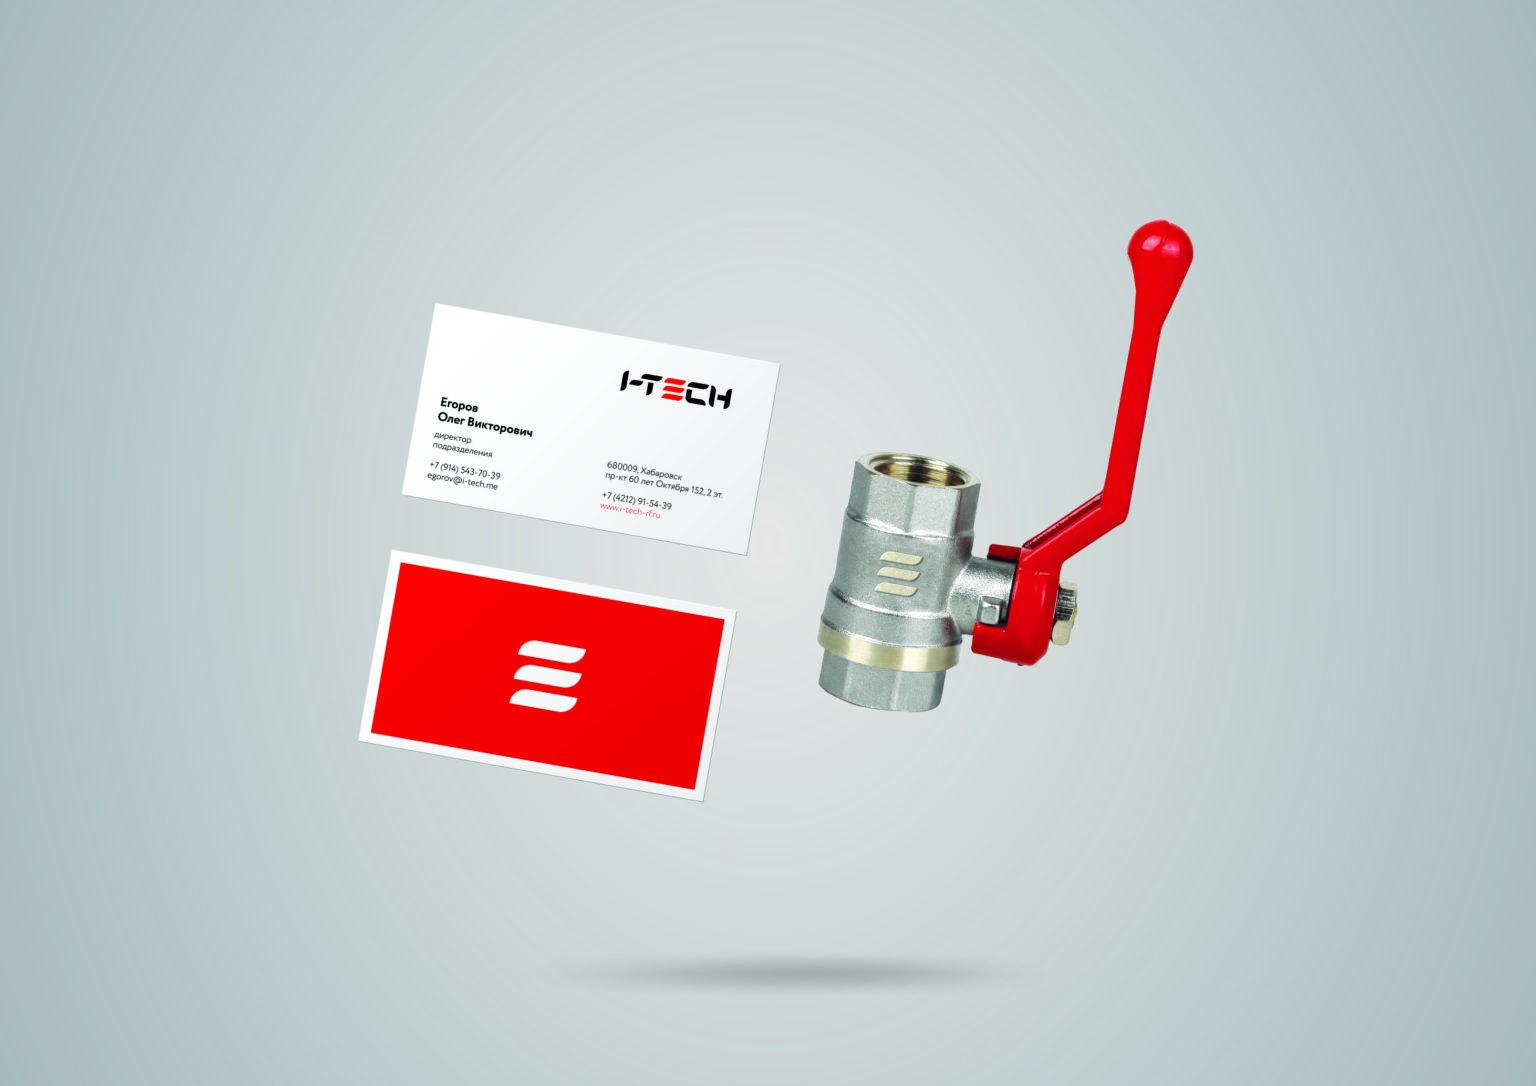 """ООО """"Интэк"""" (I-Tech) разработка логотипа. оптовые поставки сантехники."""